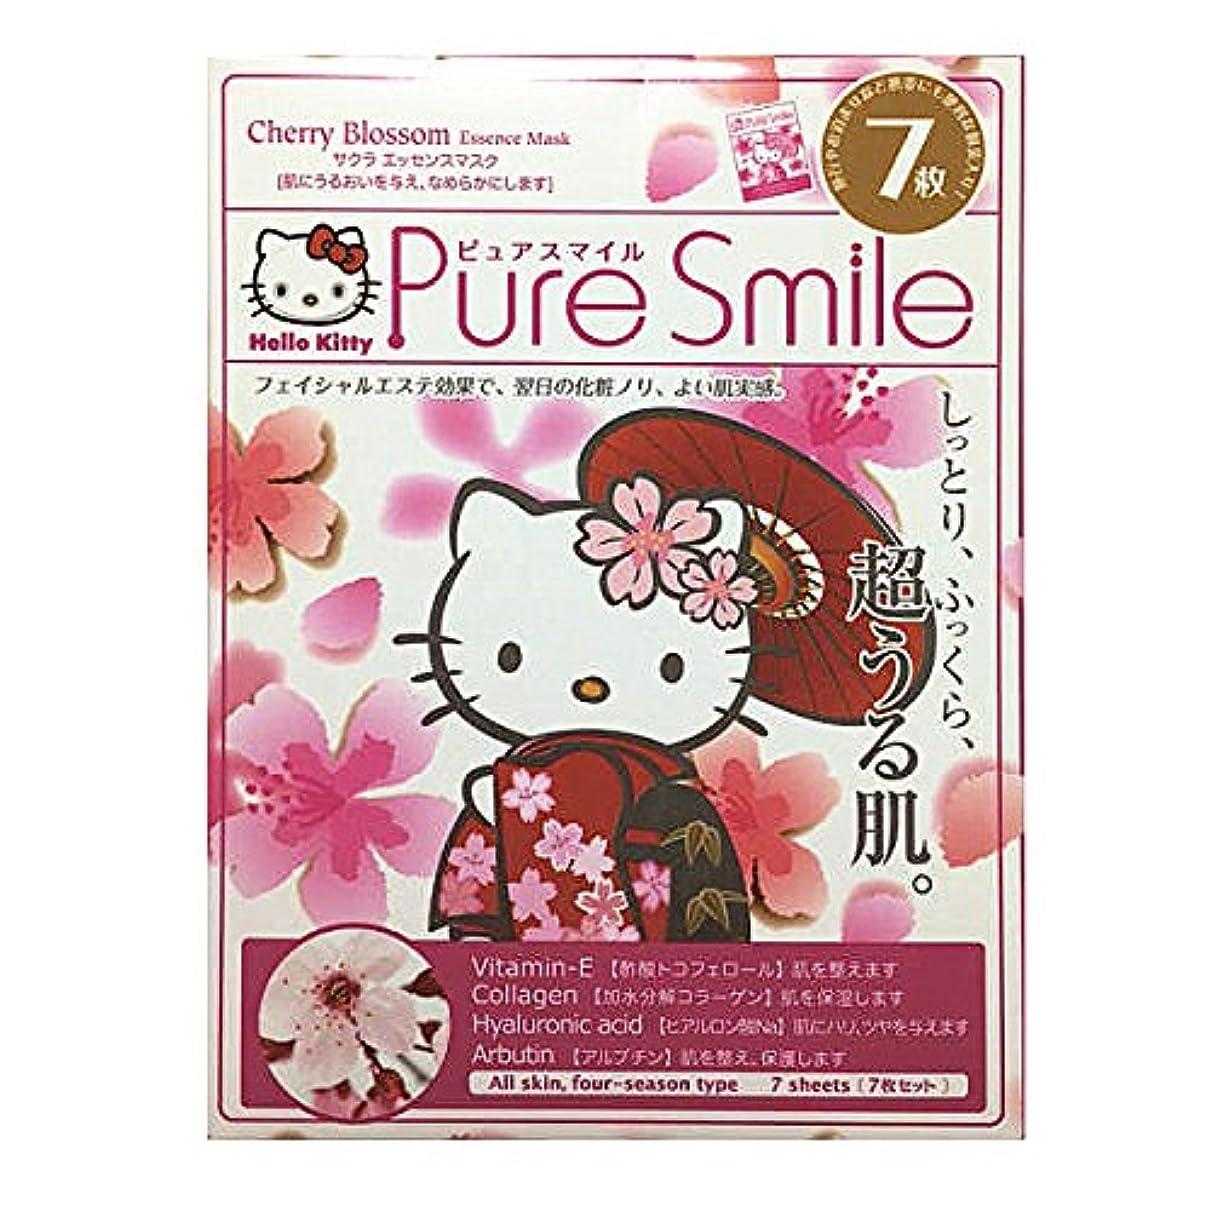 アクセサリー緑成長Pure Smile(ピュサスマイル)×Hello Kitty フェイスマスクBOXタイプ サクラエッセンス 7枚入